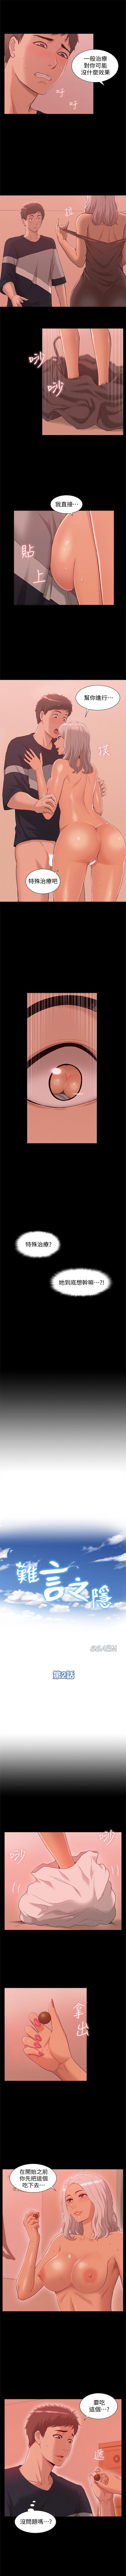 (周4)难言之隐 1-19 中文翻译(更新中) 9